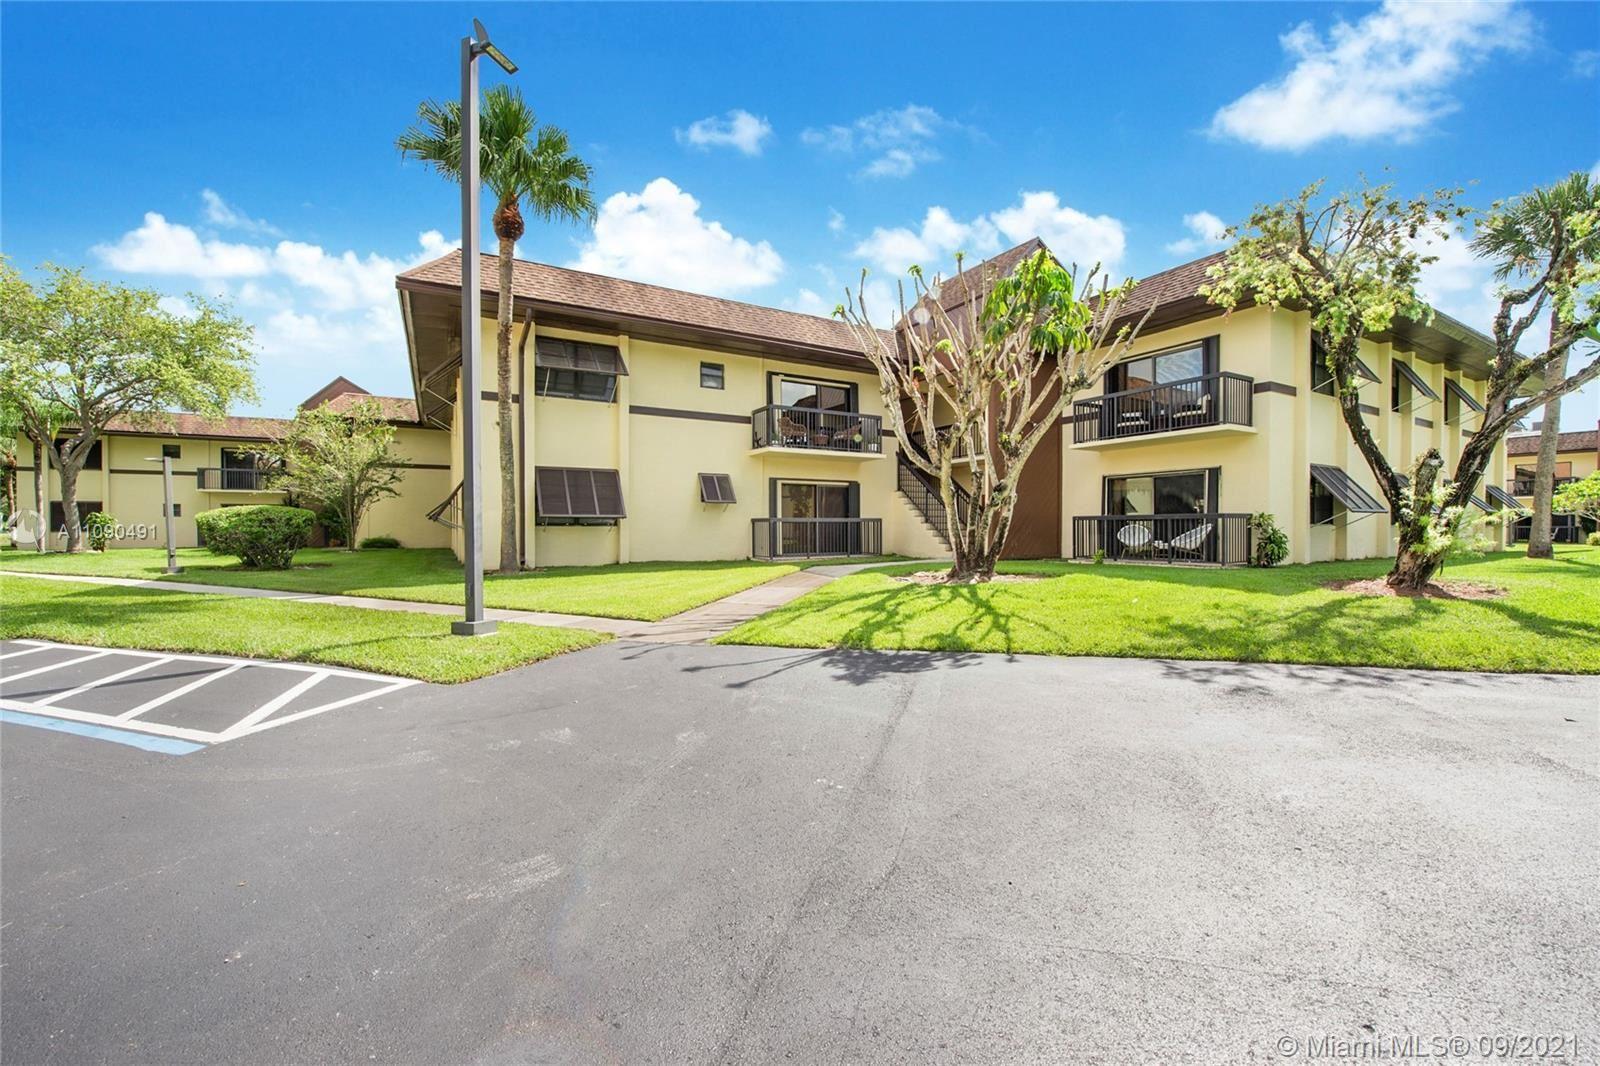 7985 SW 86th St #431, Miami, FL 33143 - #: A11090491